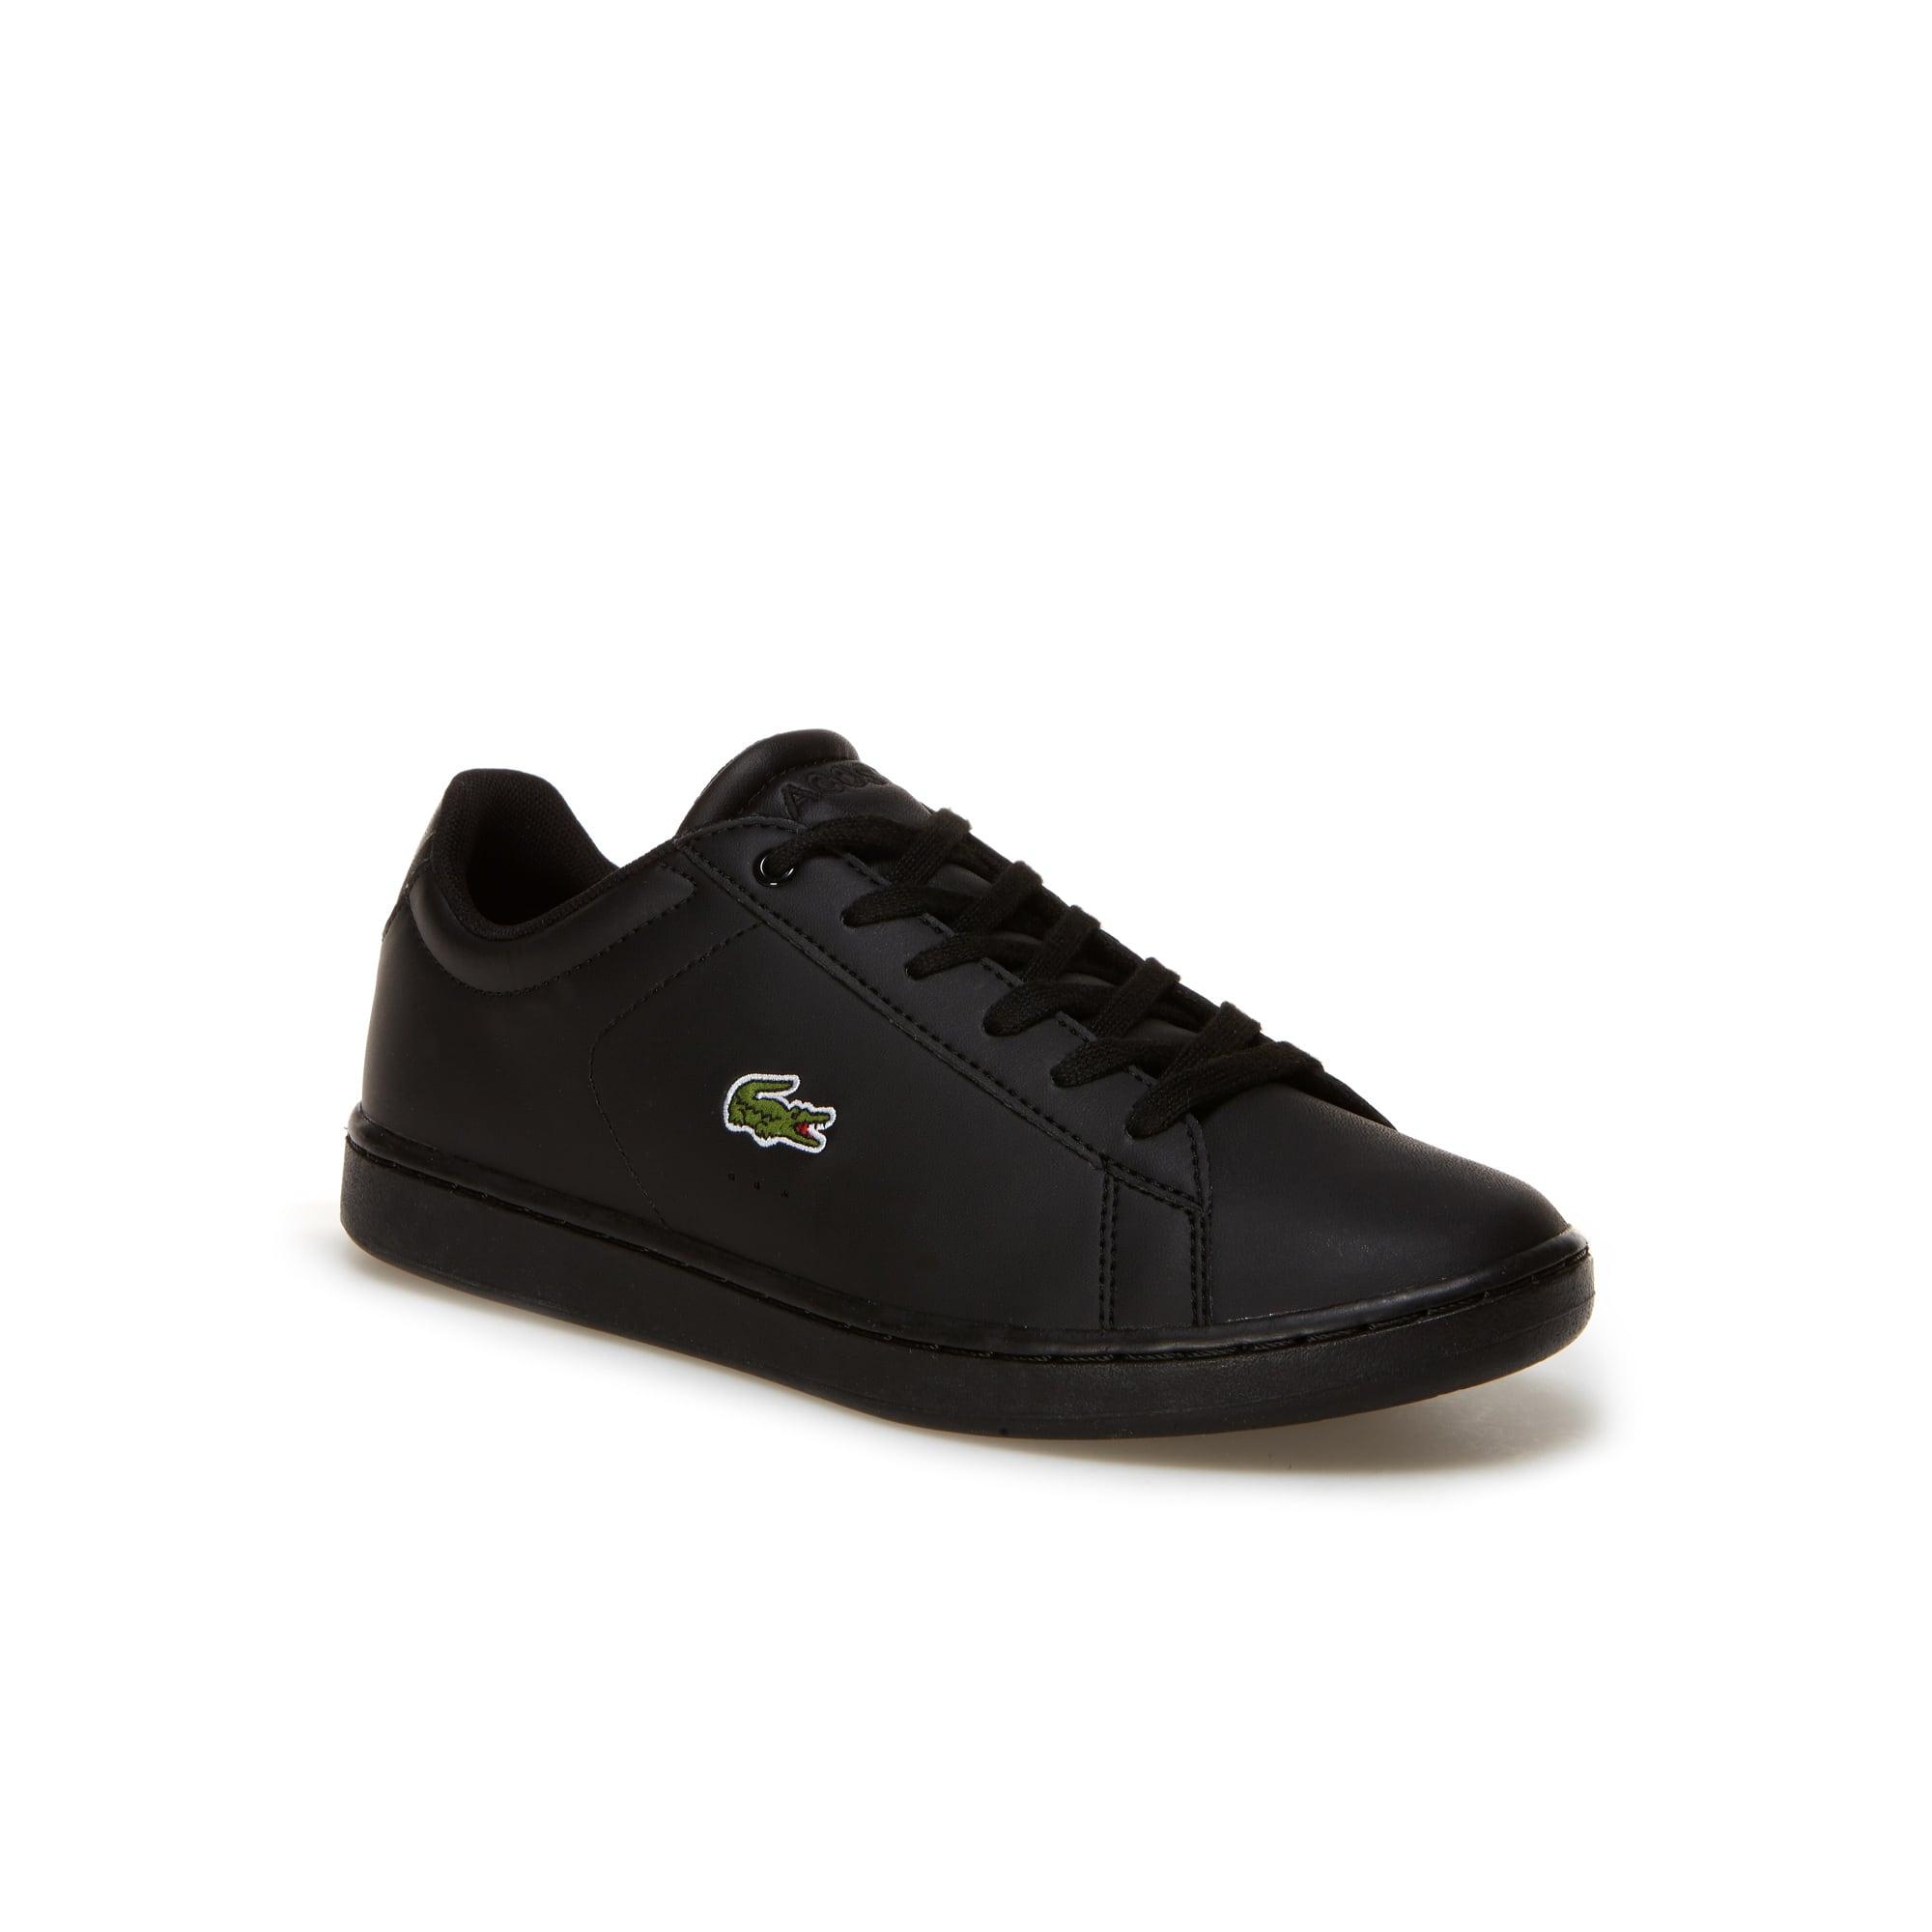 حذاء Carnaby Evo الرياضي للشباب